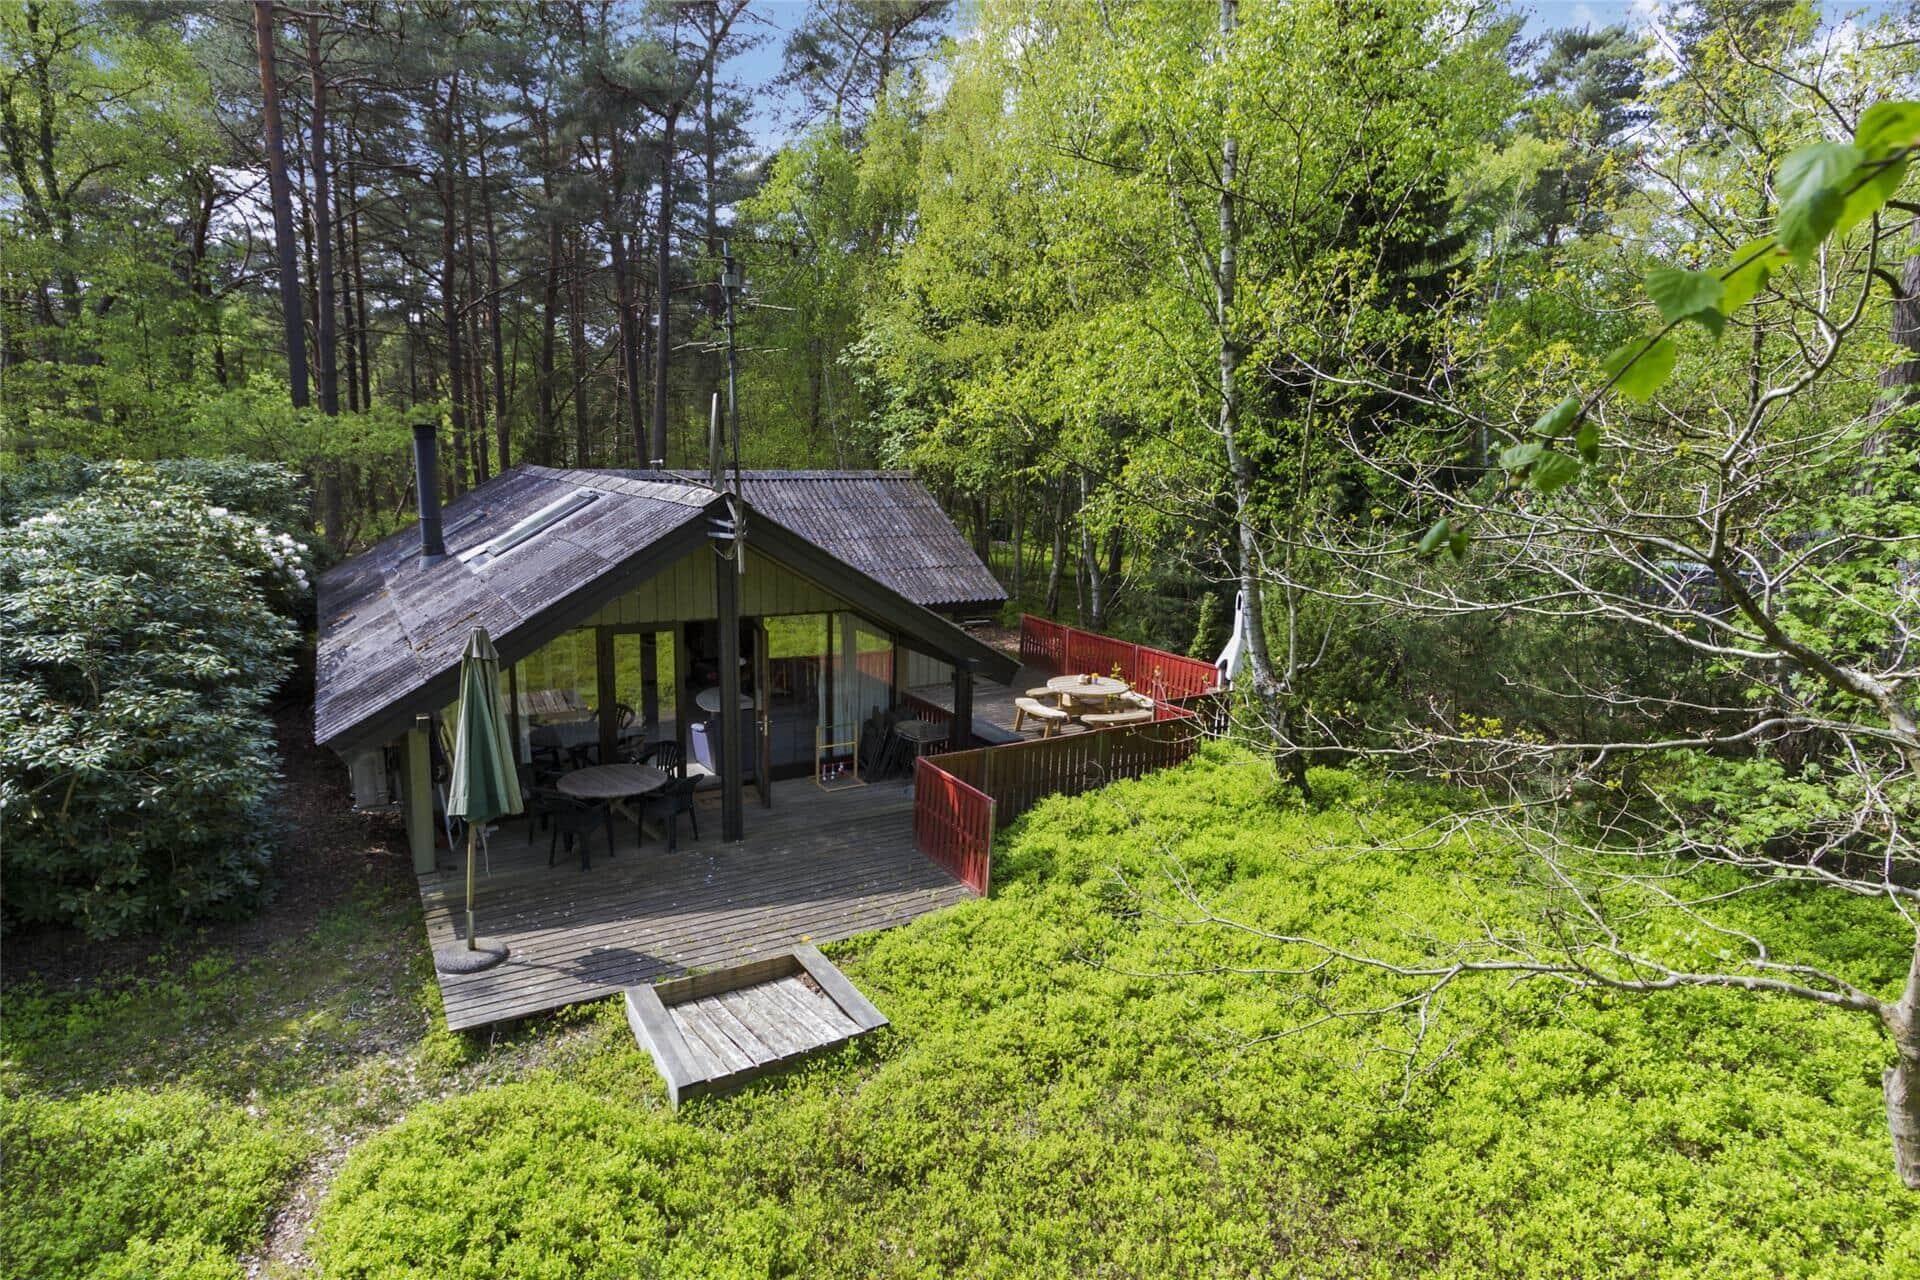 Billede 1-15 Sommerhus 2021, Horsnæsvej 10, DK - 4780 Stege